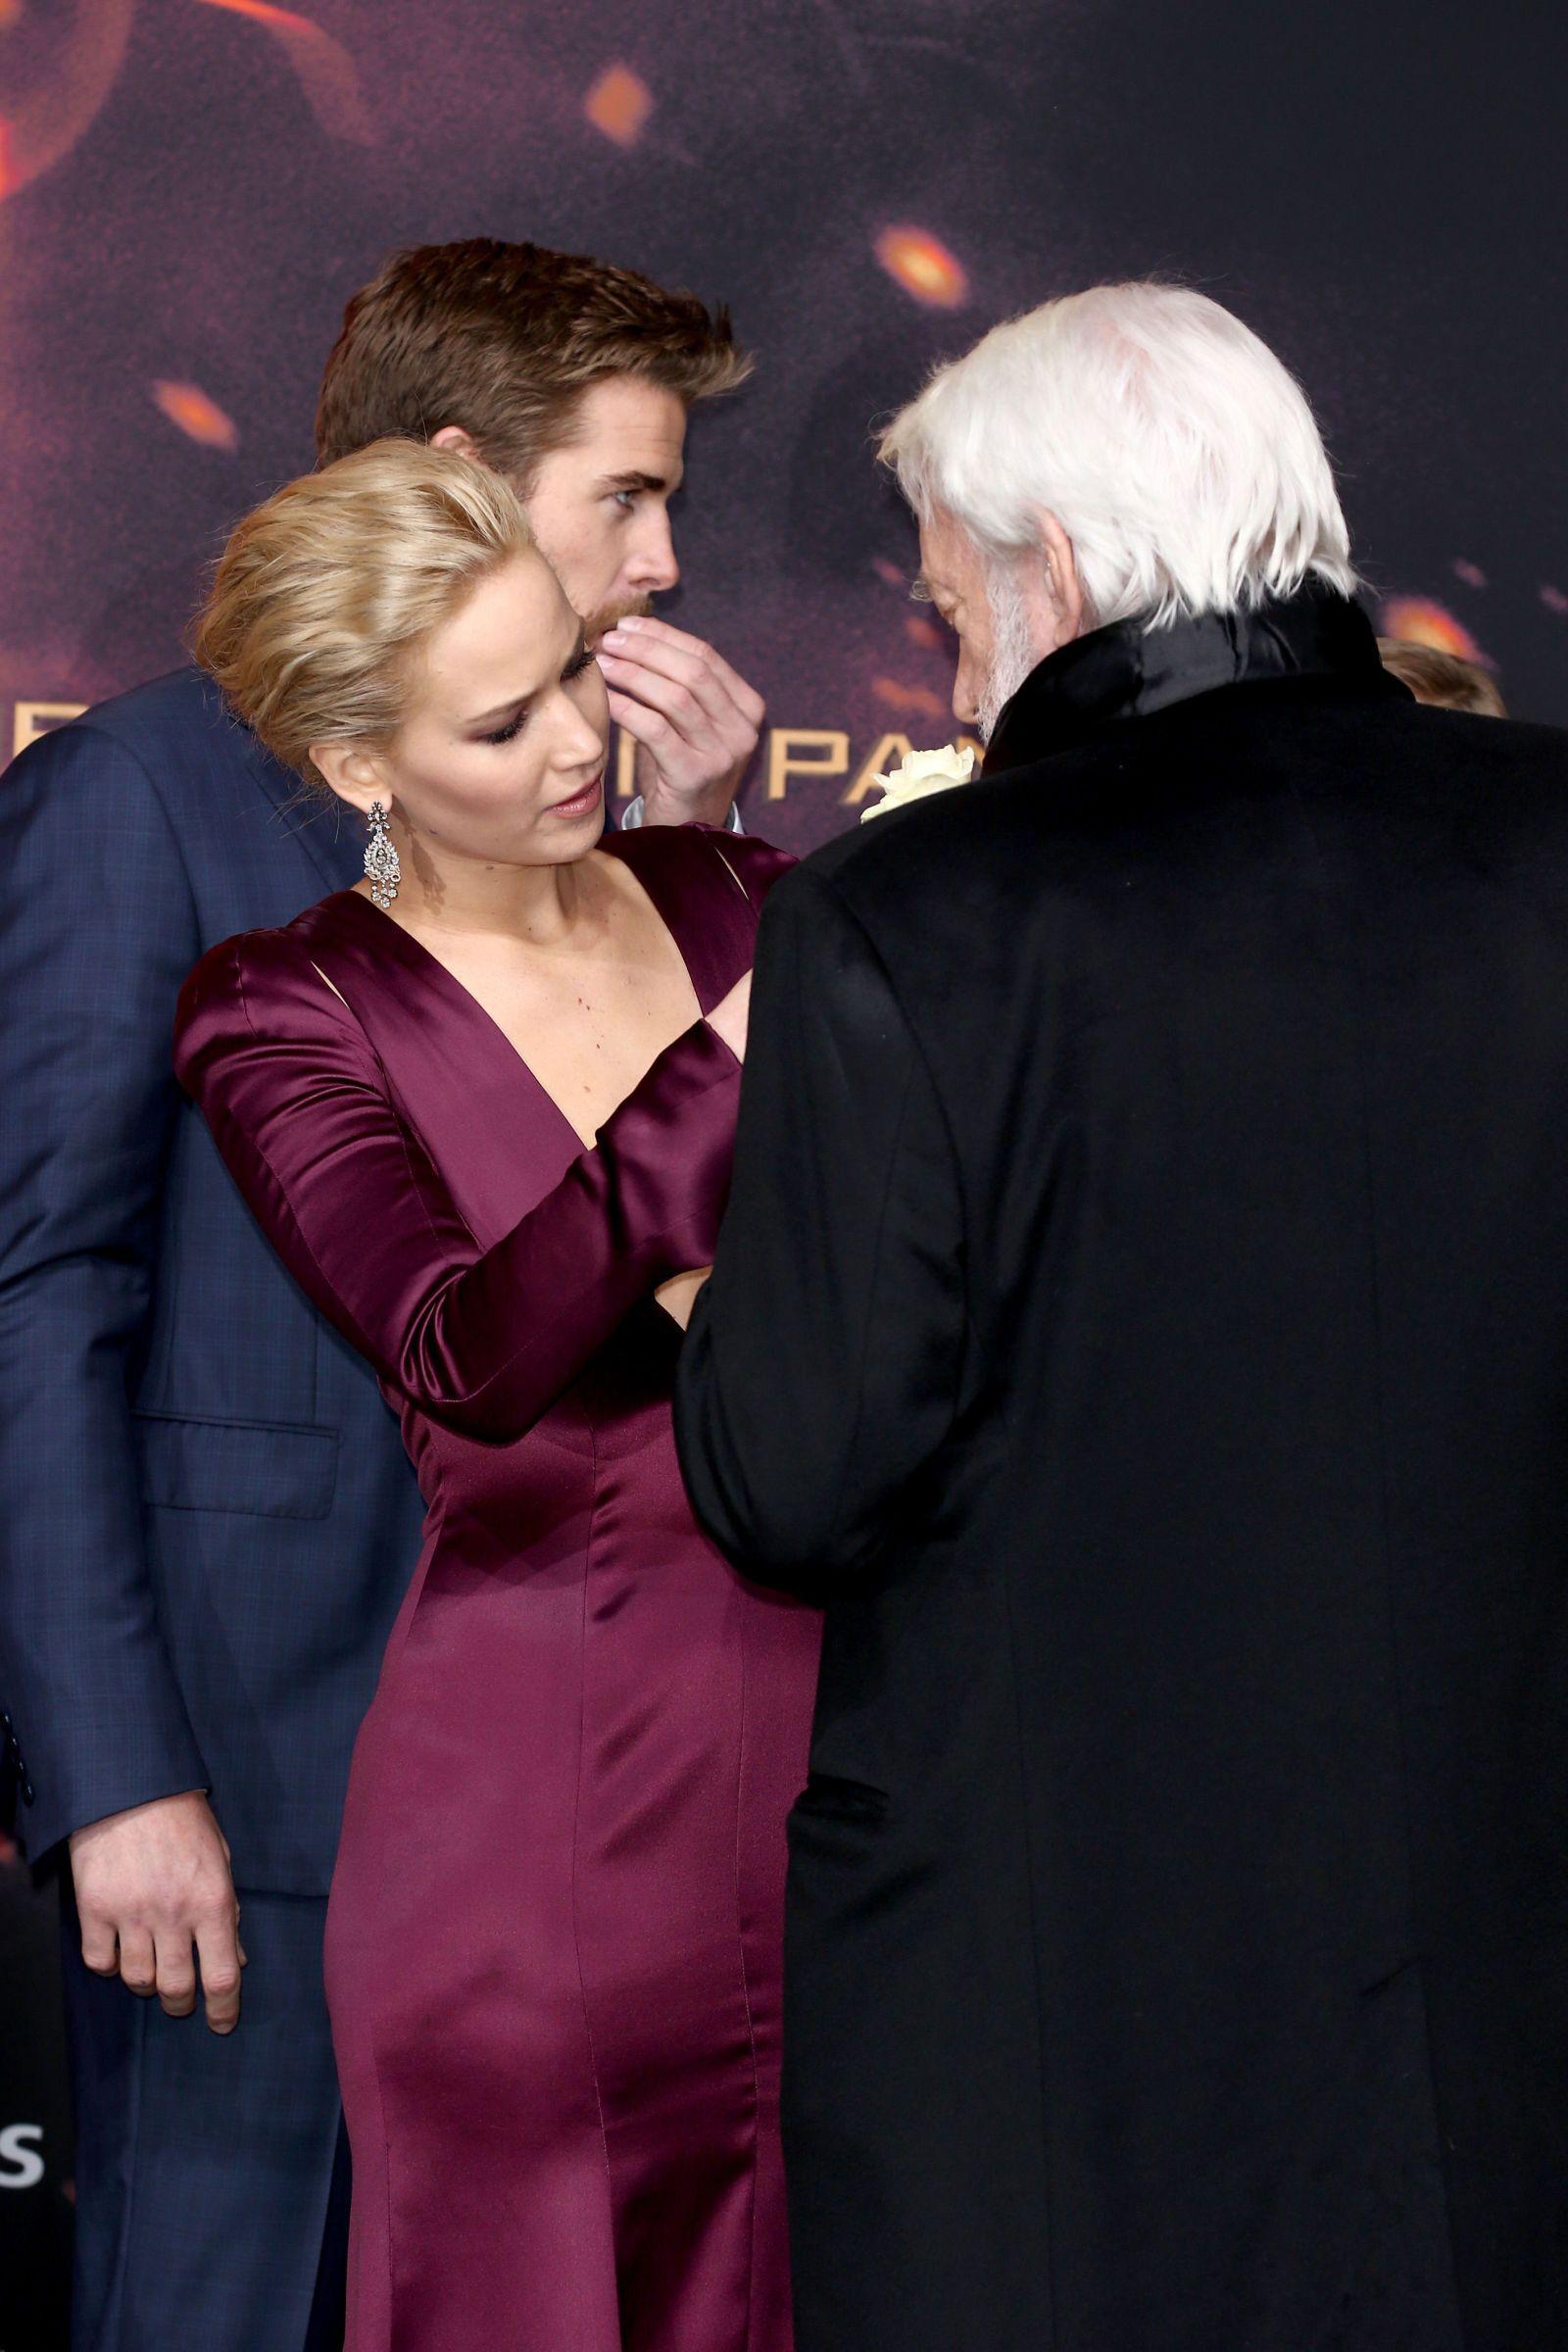 Jennifer Lawrence Is Her Best, Most Jennifer Lawrence-Self at the 'Mockingjay Part 2' Premiere  - ELLE.com